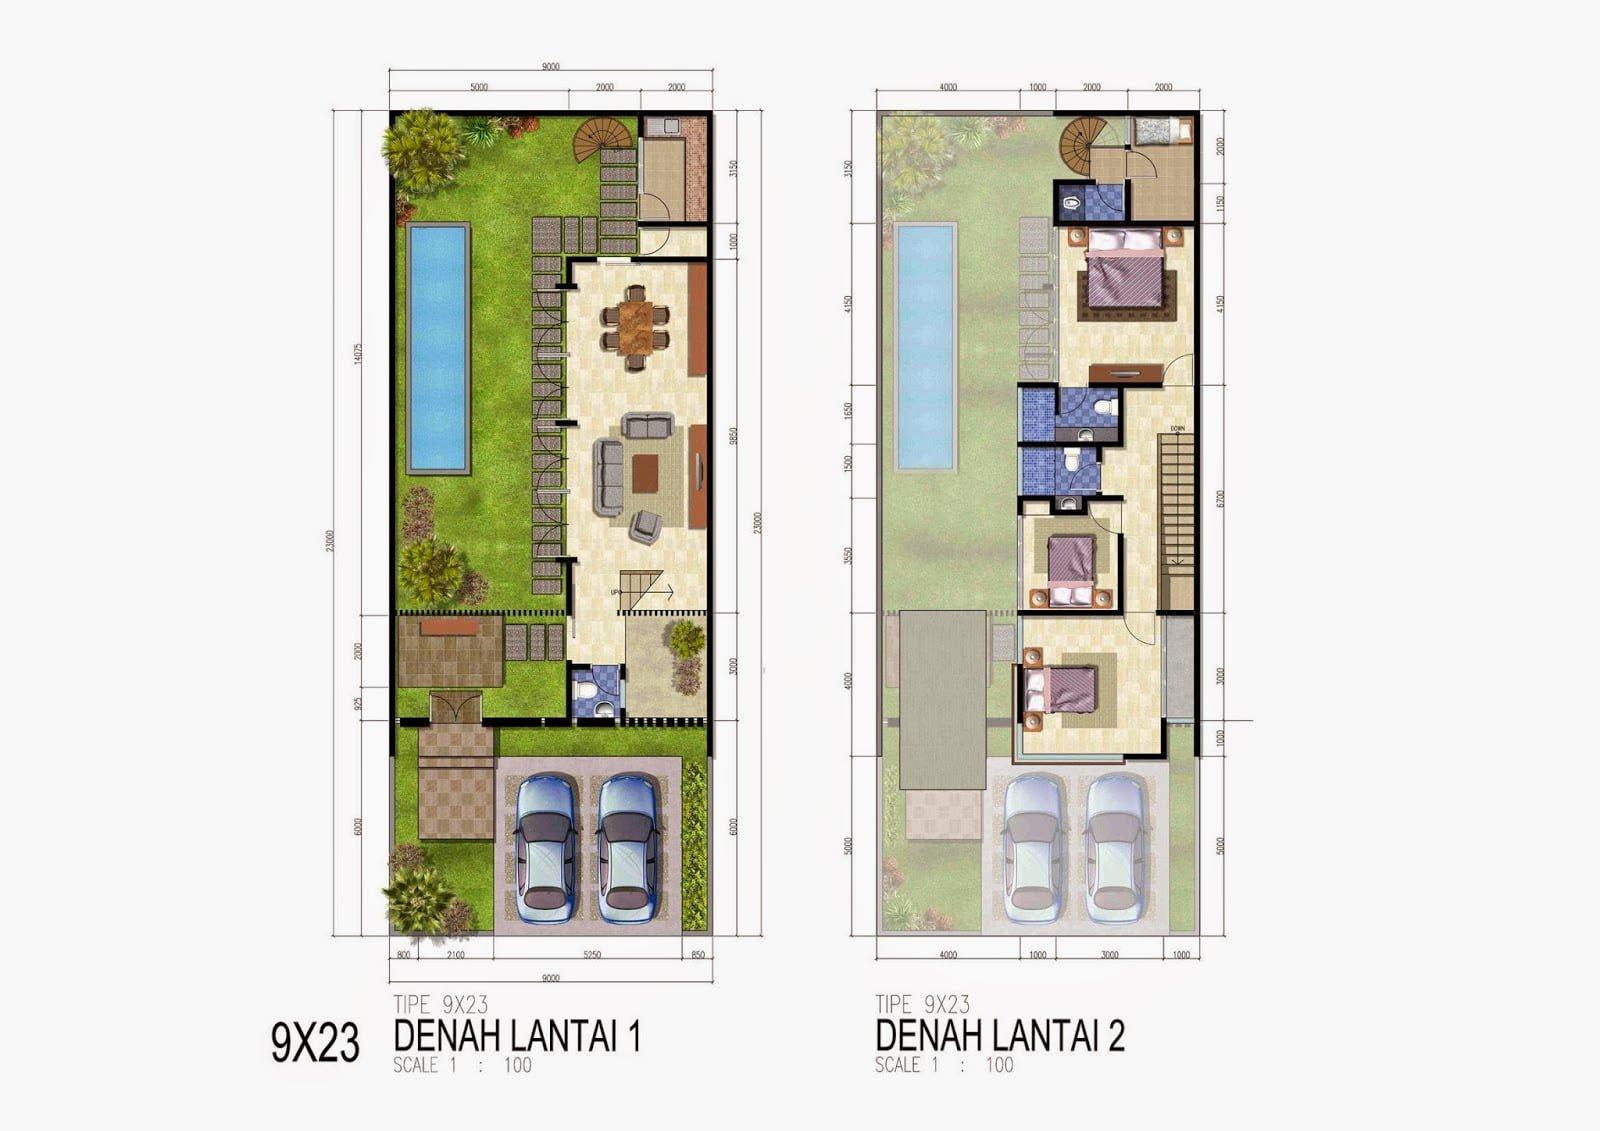 980 Desain Rumah Minimalis Ada Kolam Renang HD Terbaru